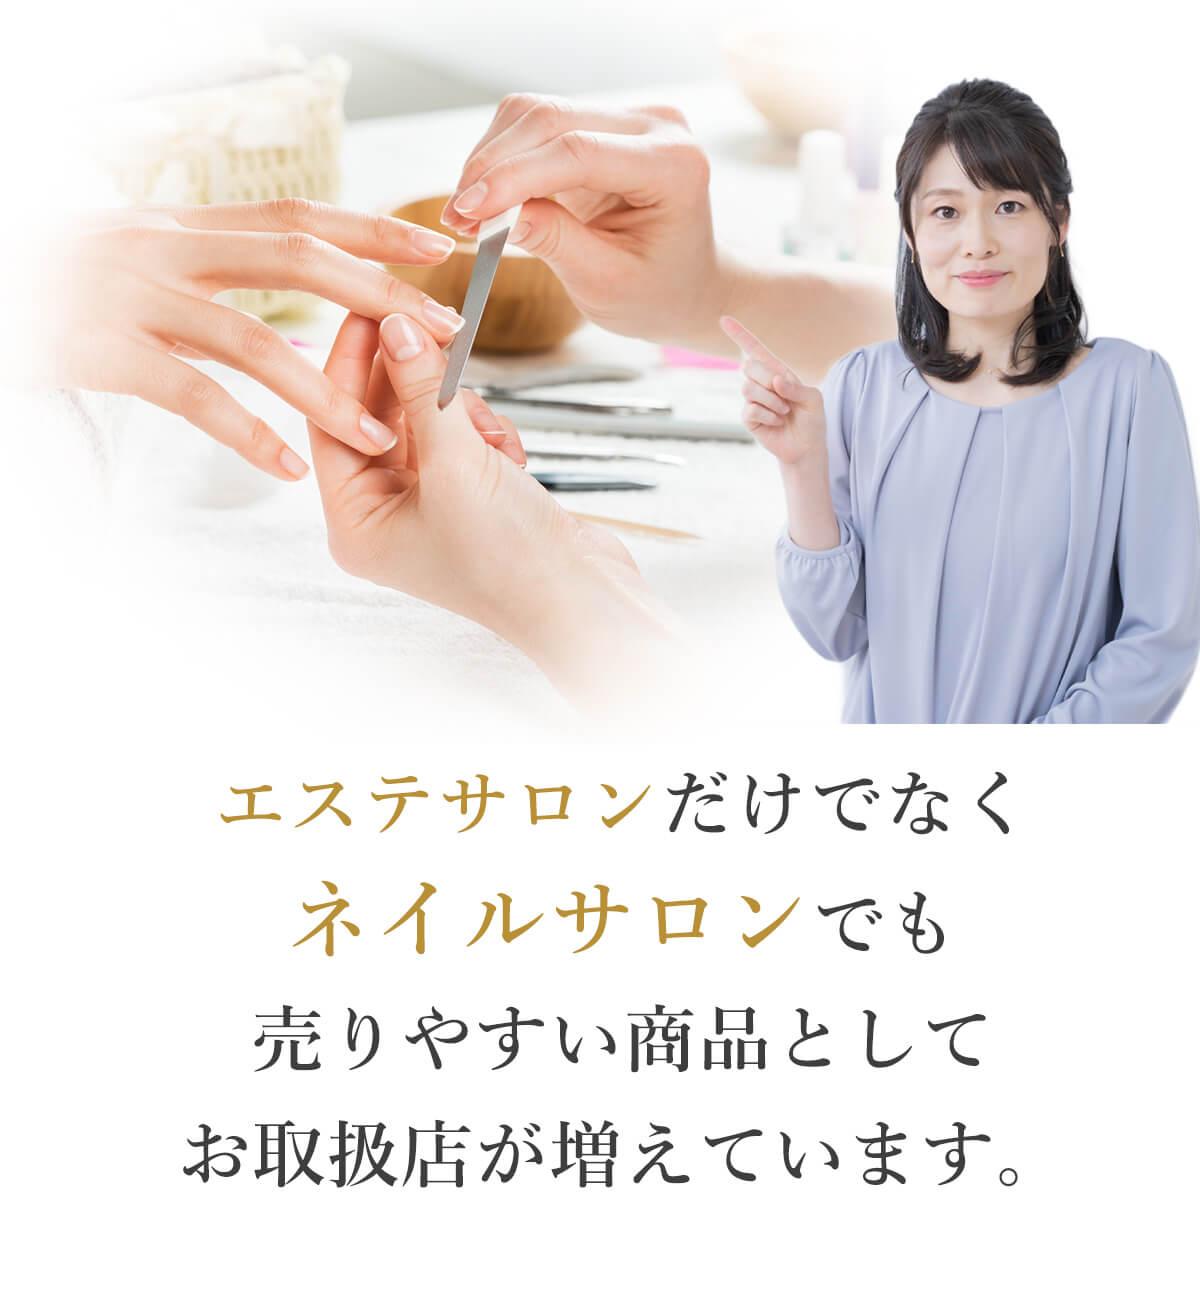 エステサロンだけでなくネイルサロンでも売れやすい商品としてお取扱店が増えています